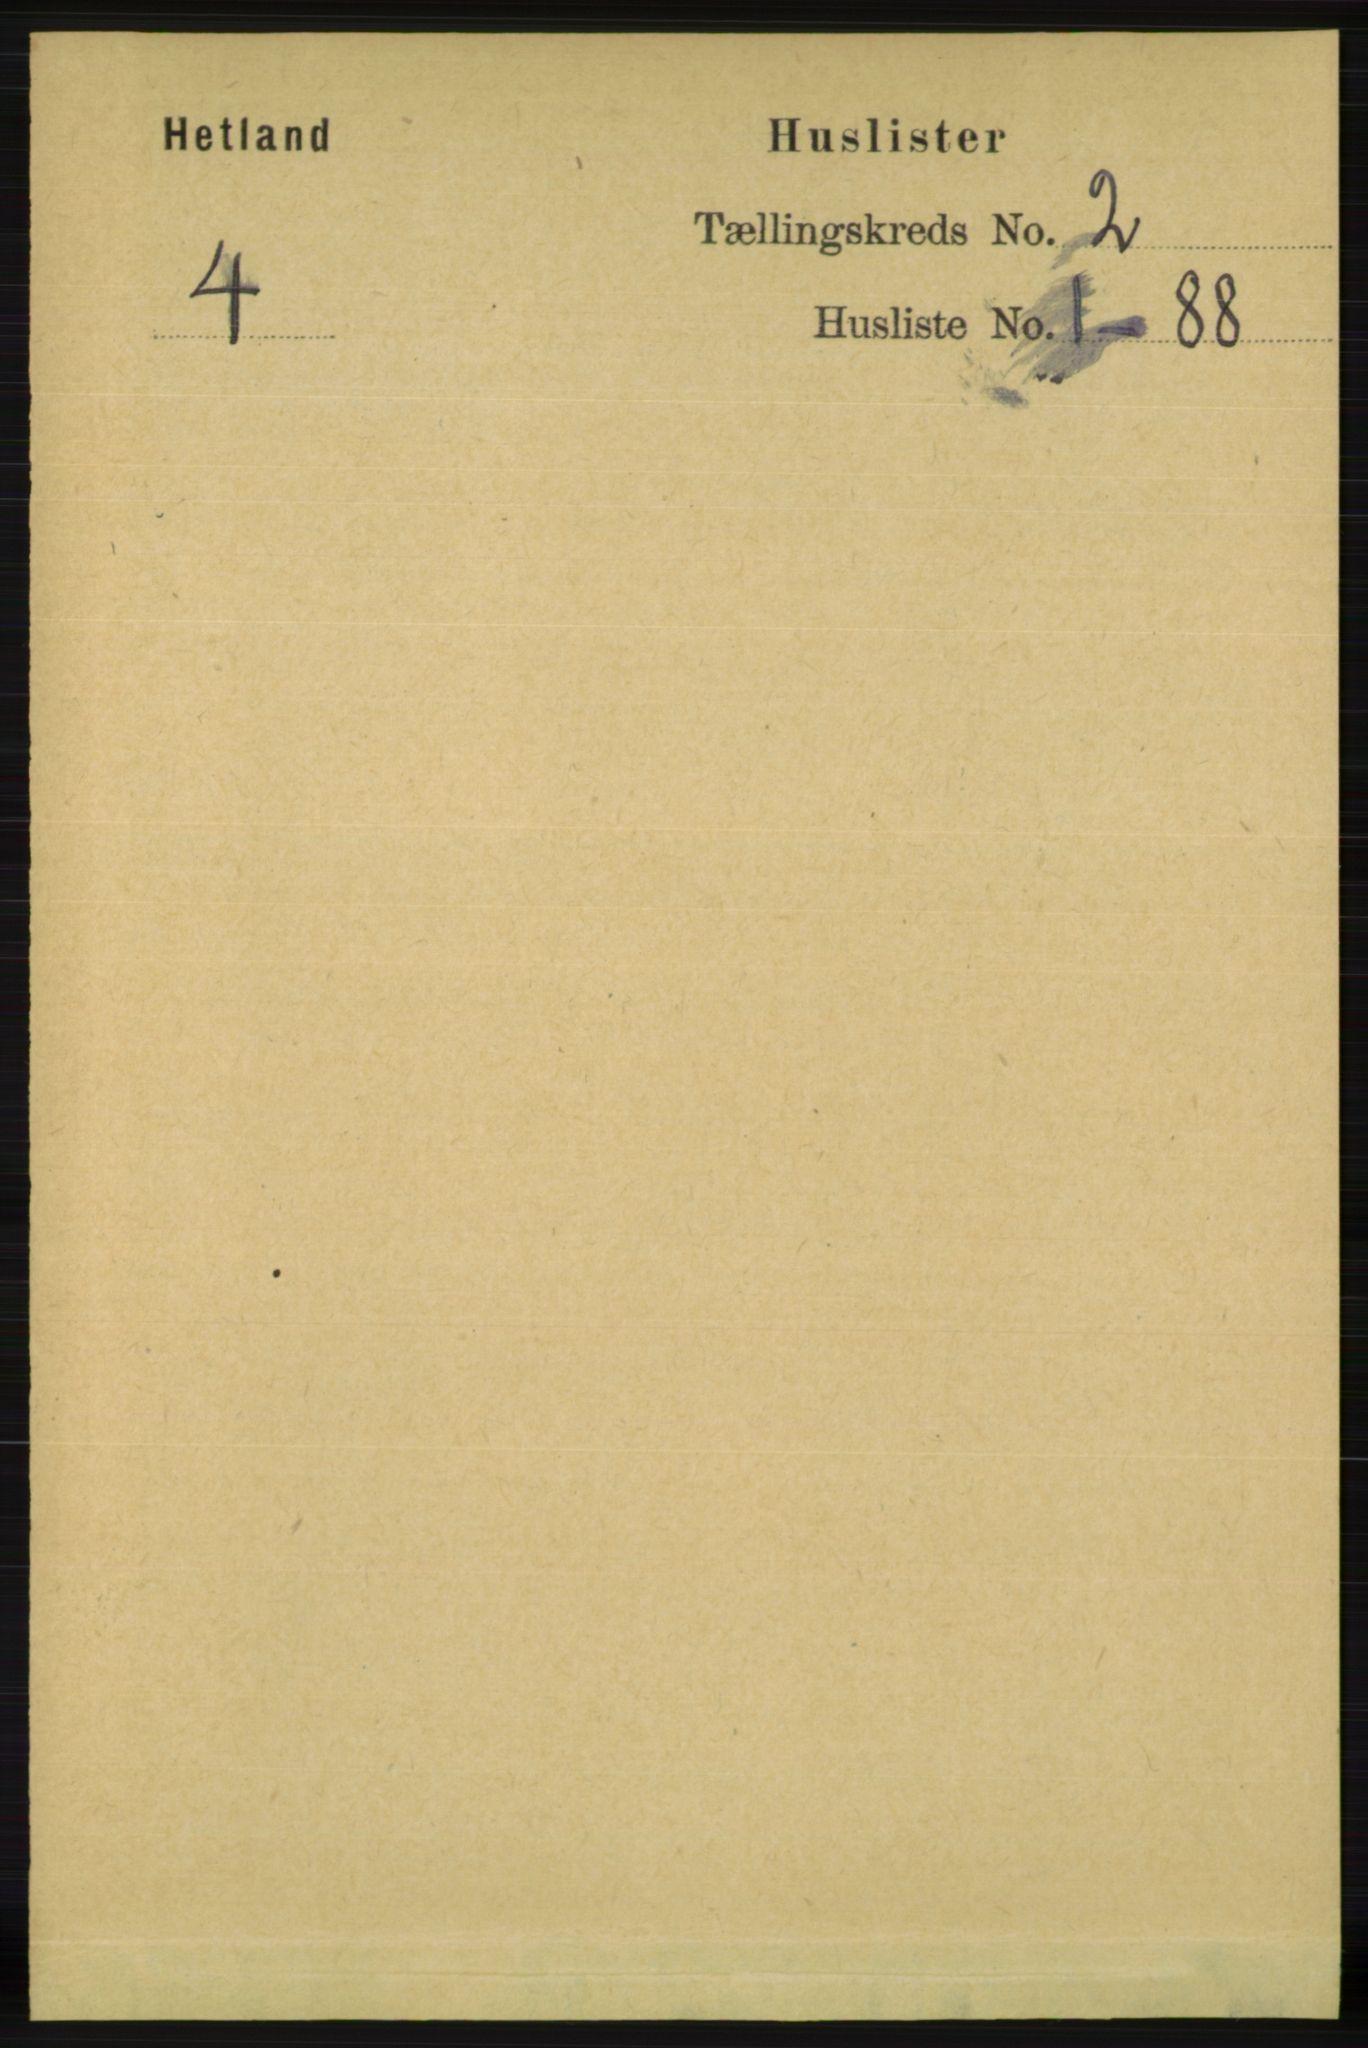 RA, Folketelling 1891 for 1126 Hetland herred, 1891, s. 380